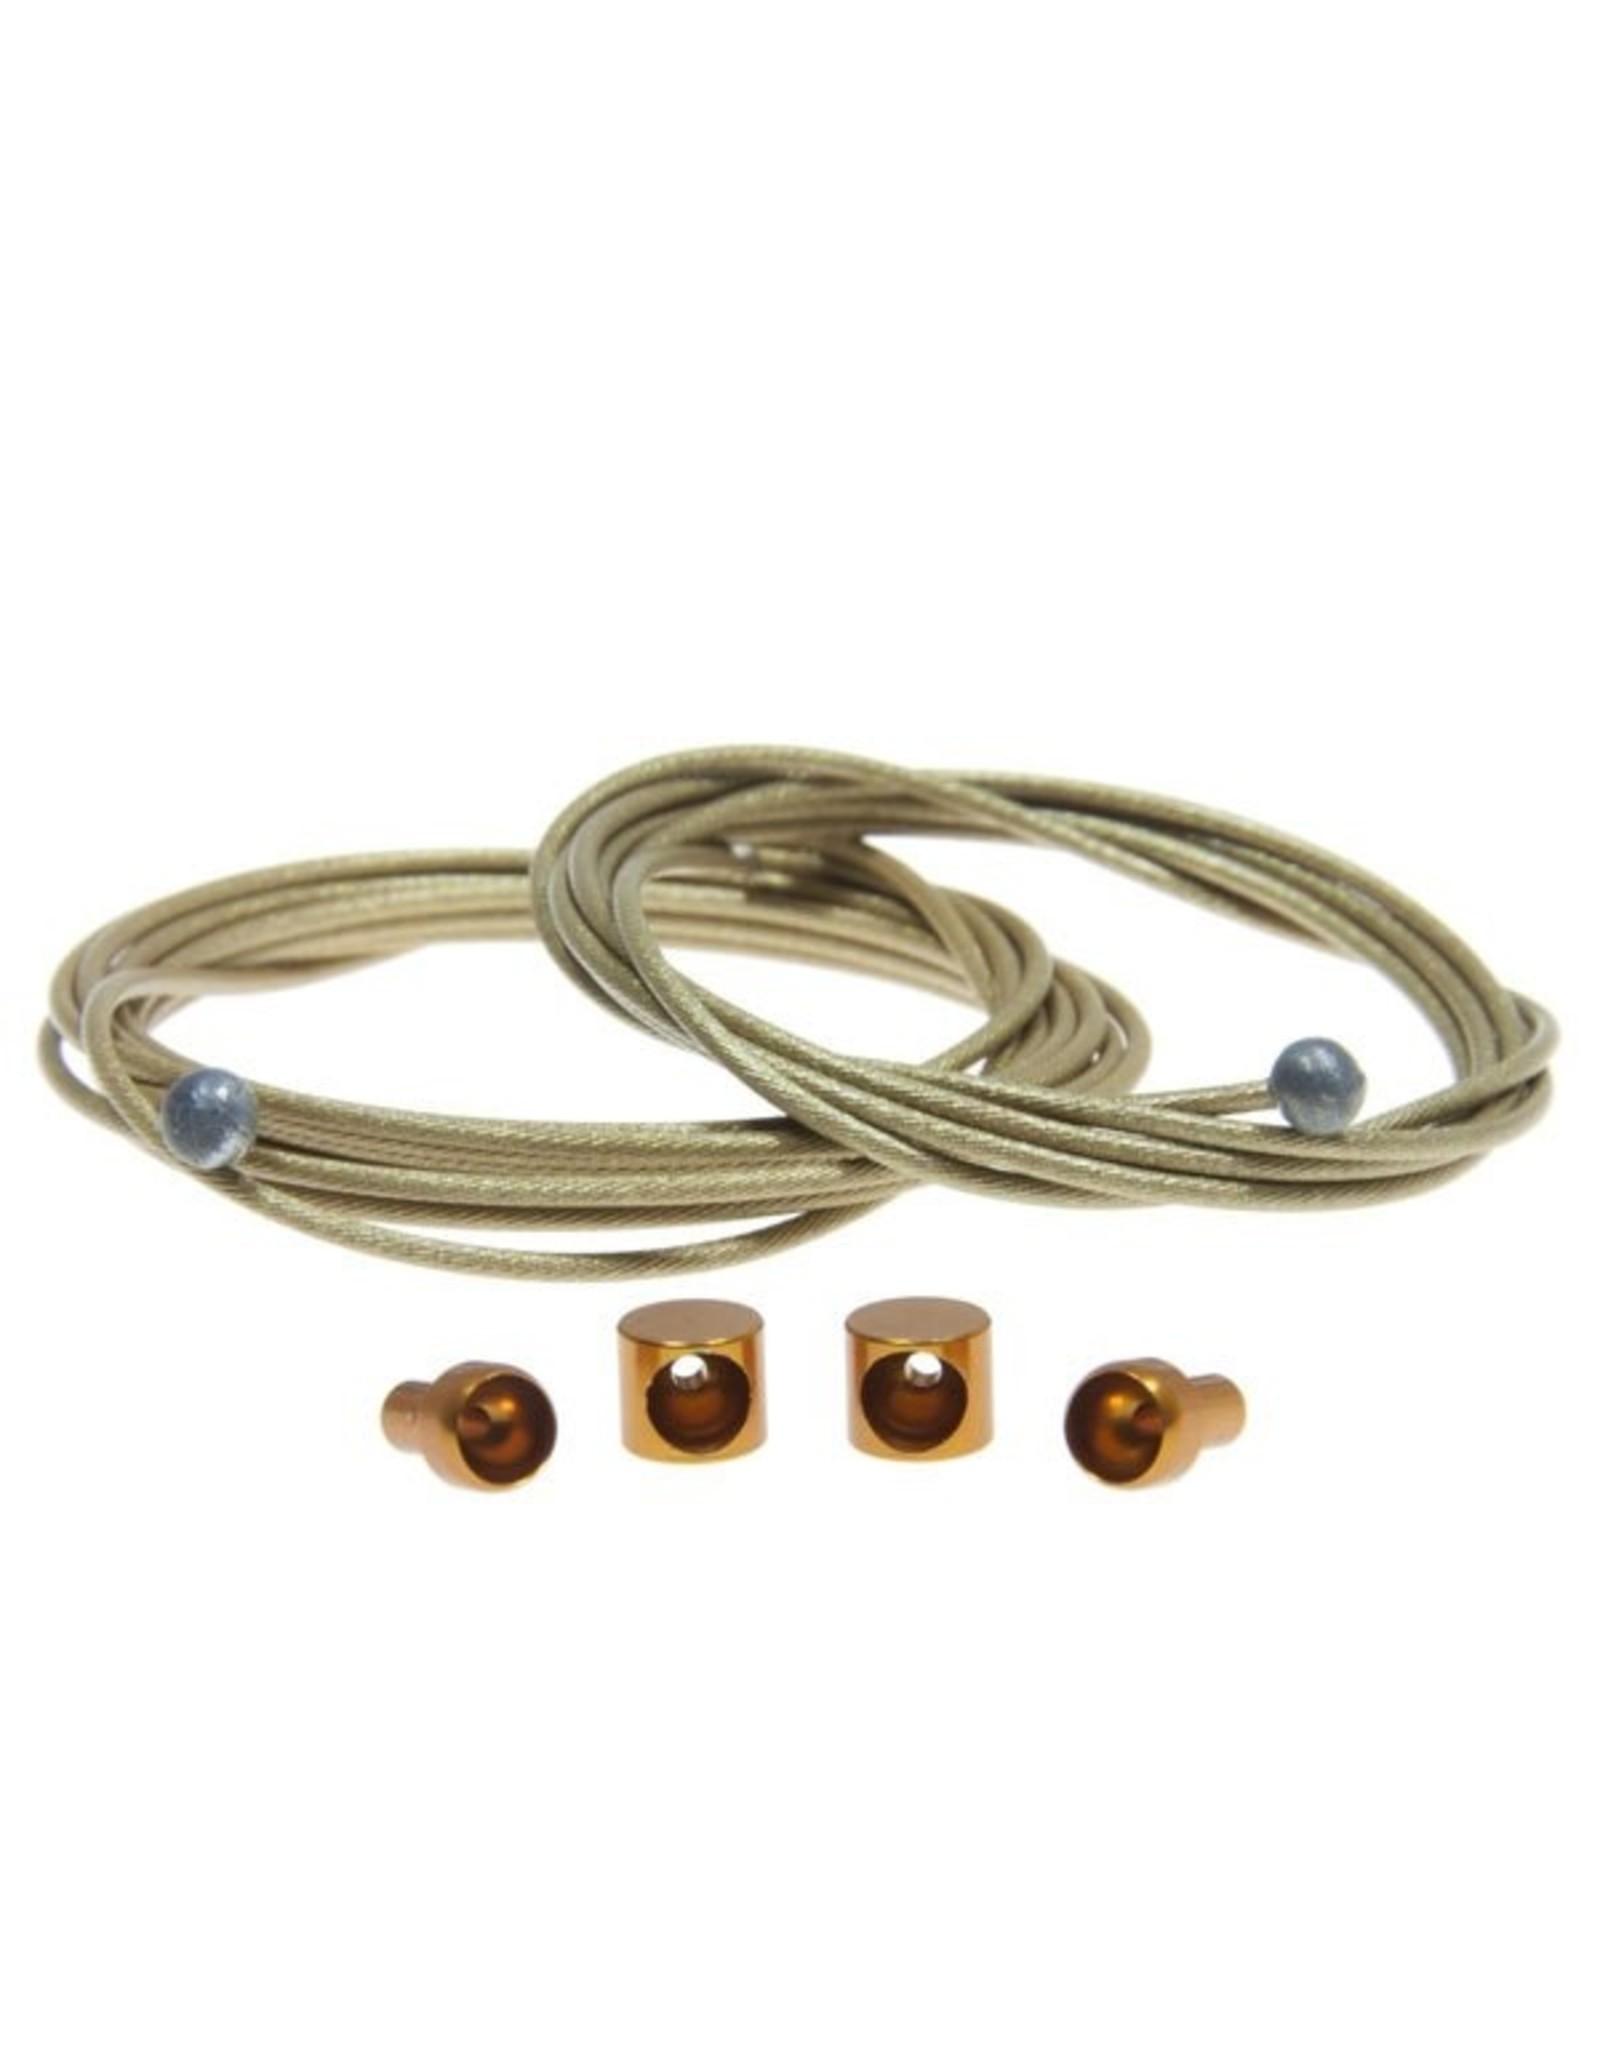 KCNC KCNC Titanium Cables